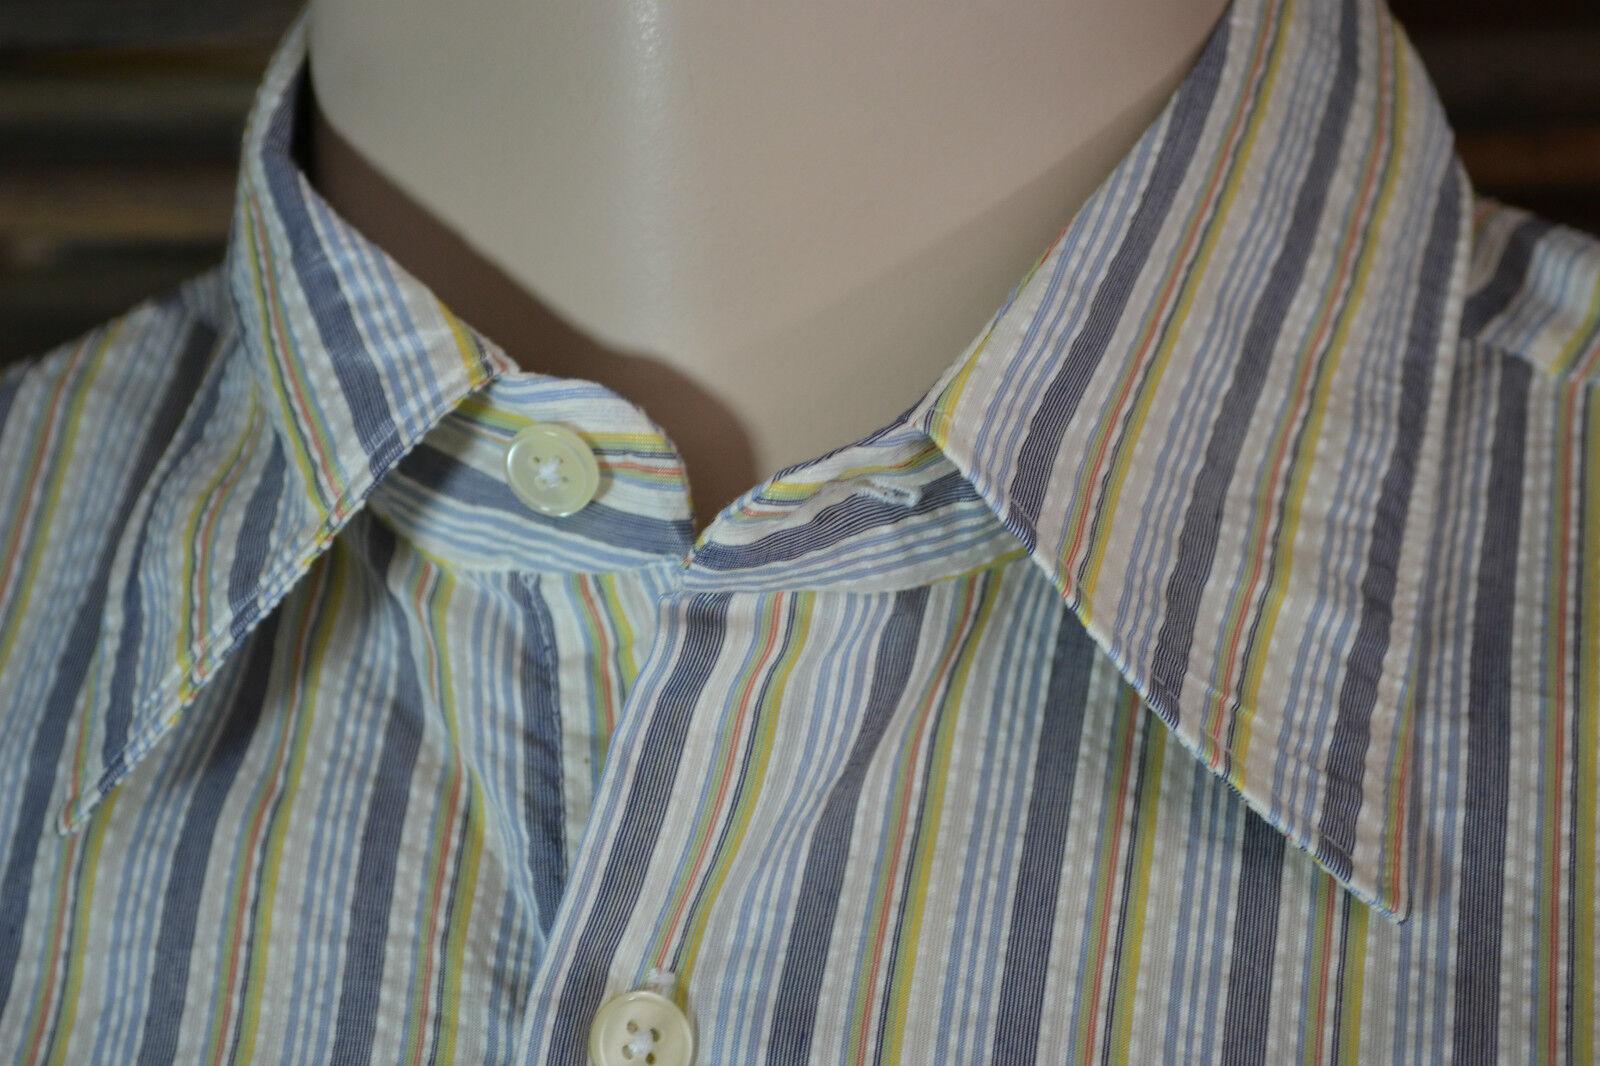 NEU   HUGO BOSS BOSS BOSS Herren Ober Hemd mens shirt chemise L 42 kurzarm neu  NEW | Hohe Sicherheit  ea28cb